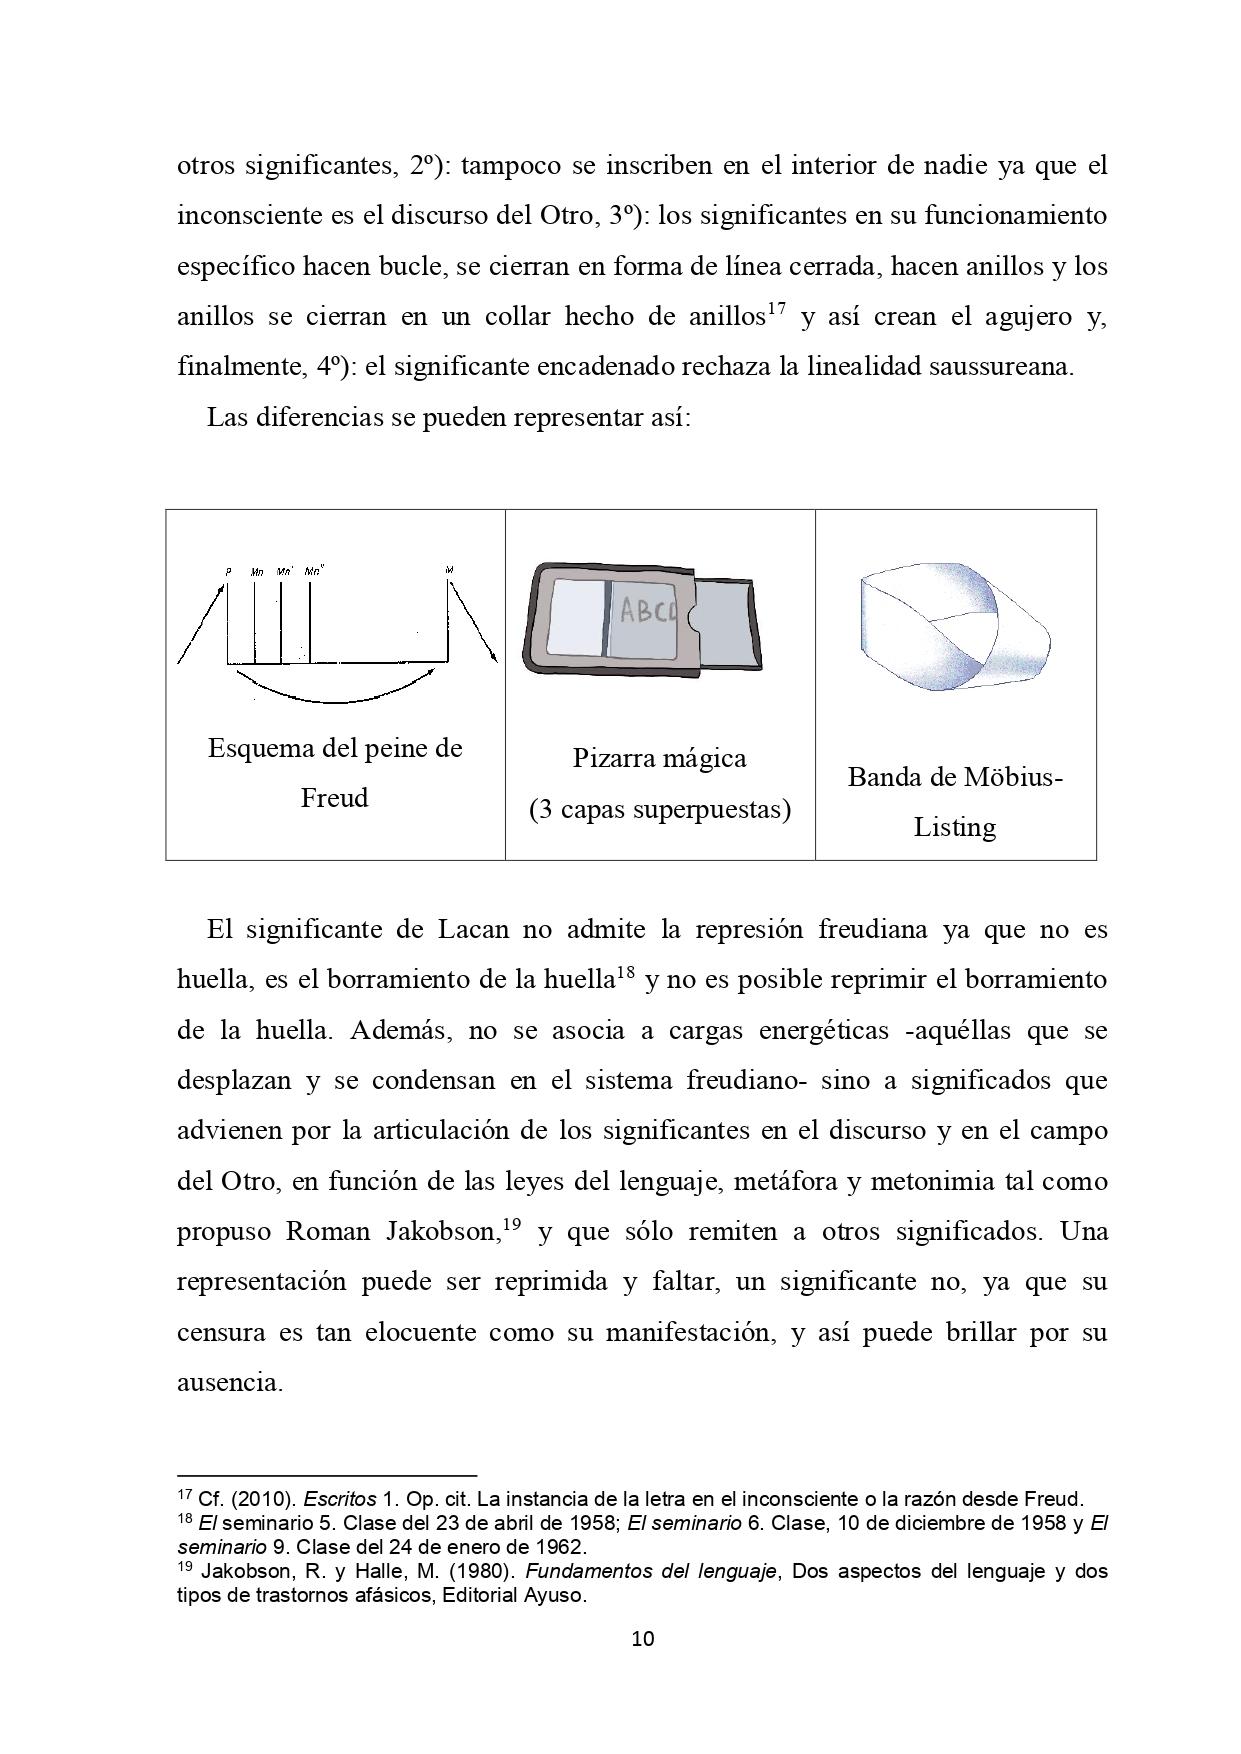 101_La topología de Lacan APOLa 16-4-2020 B (1)_page-0010